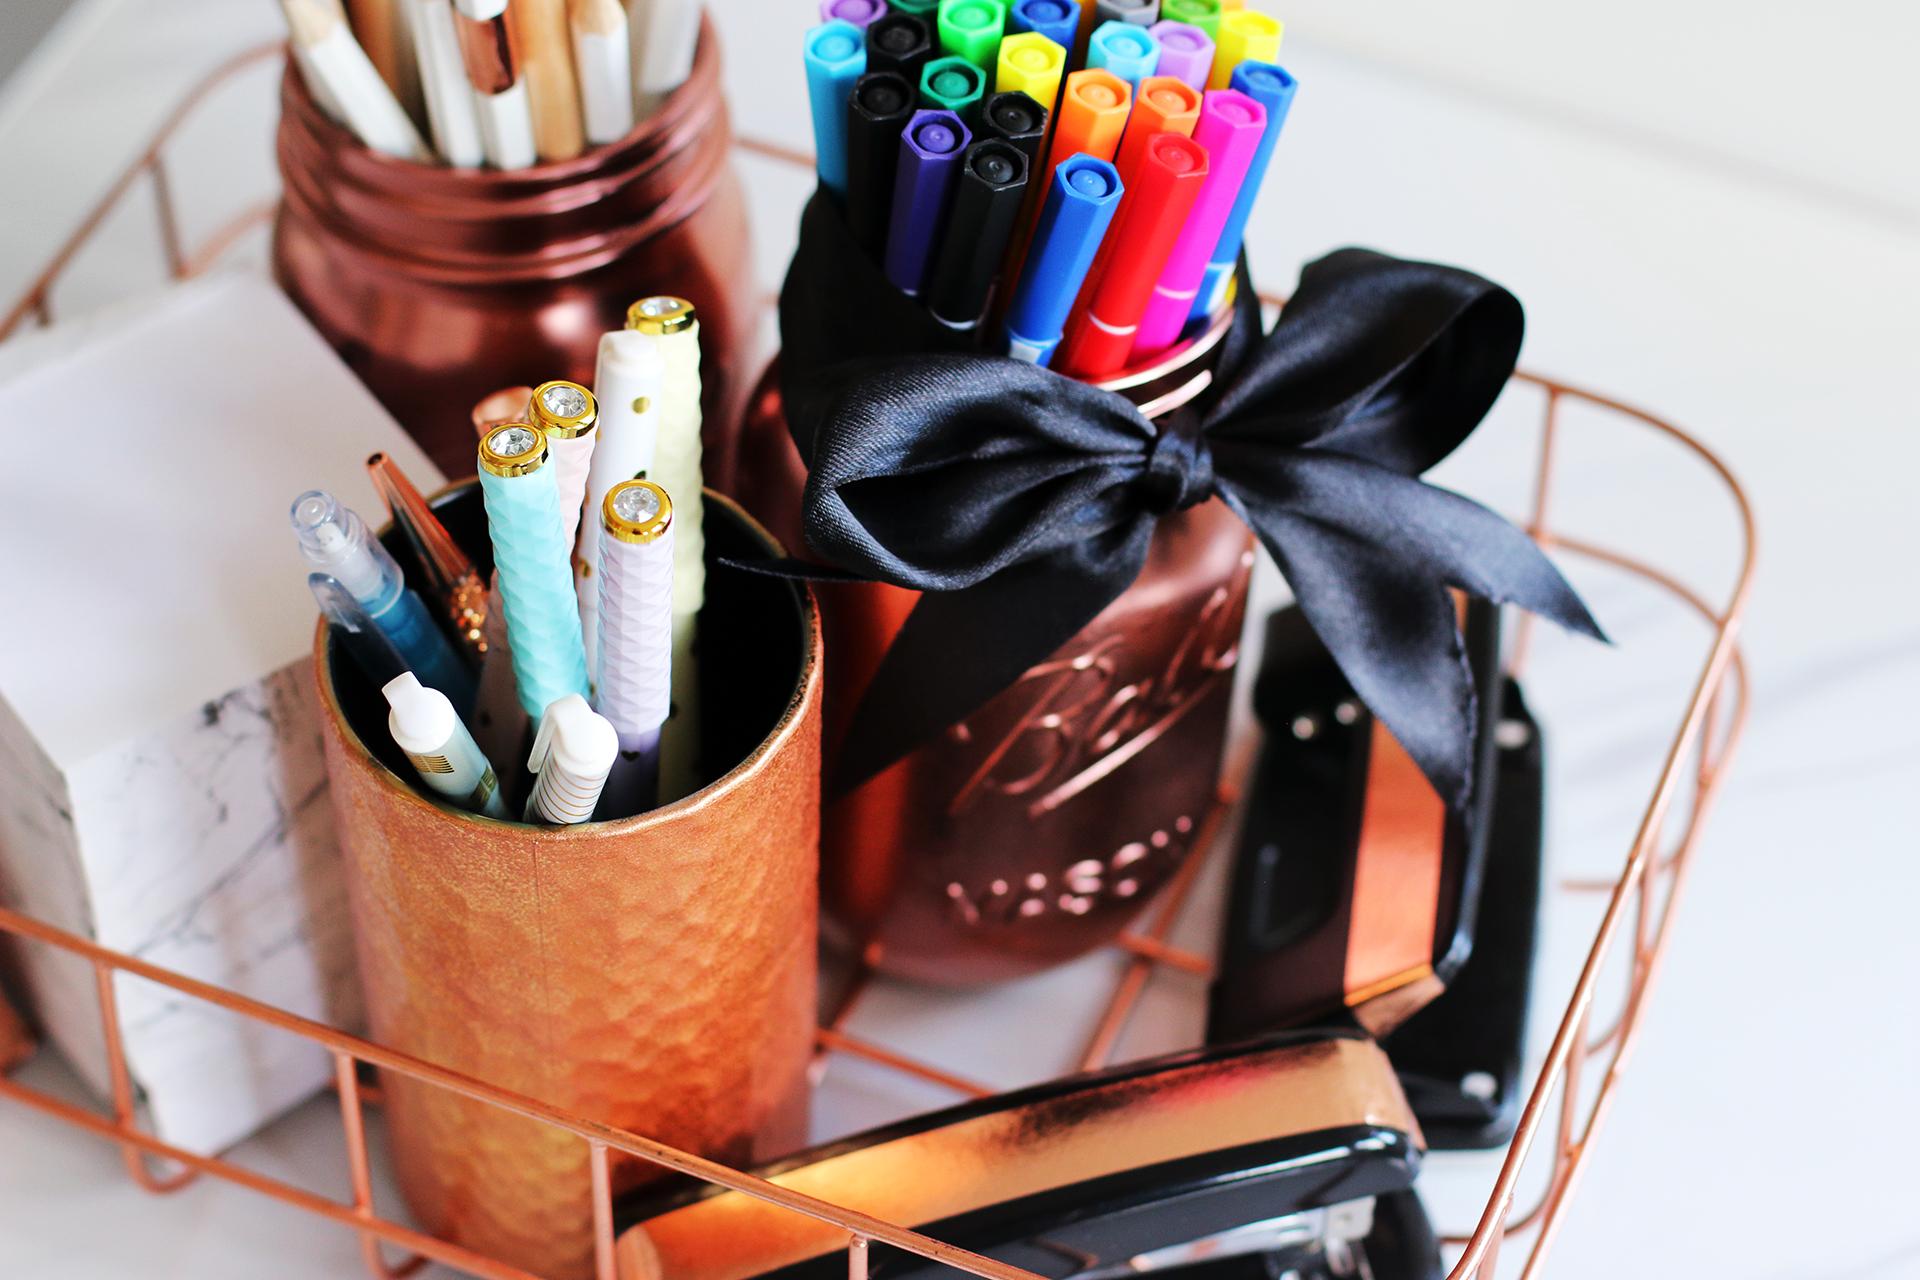 Diy pinterest desk decor organization tips giveaway for Diy desk stuff